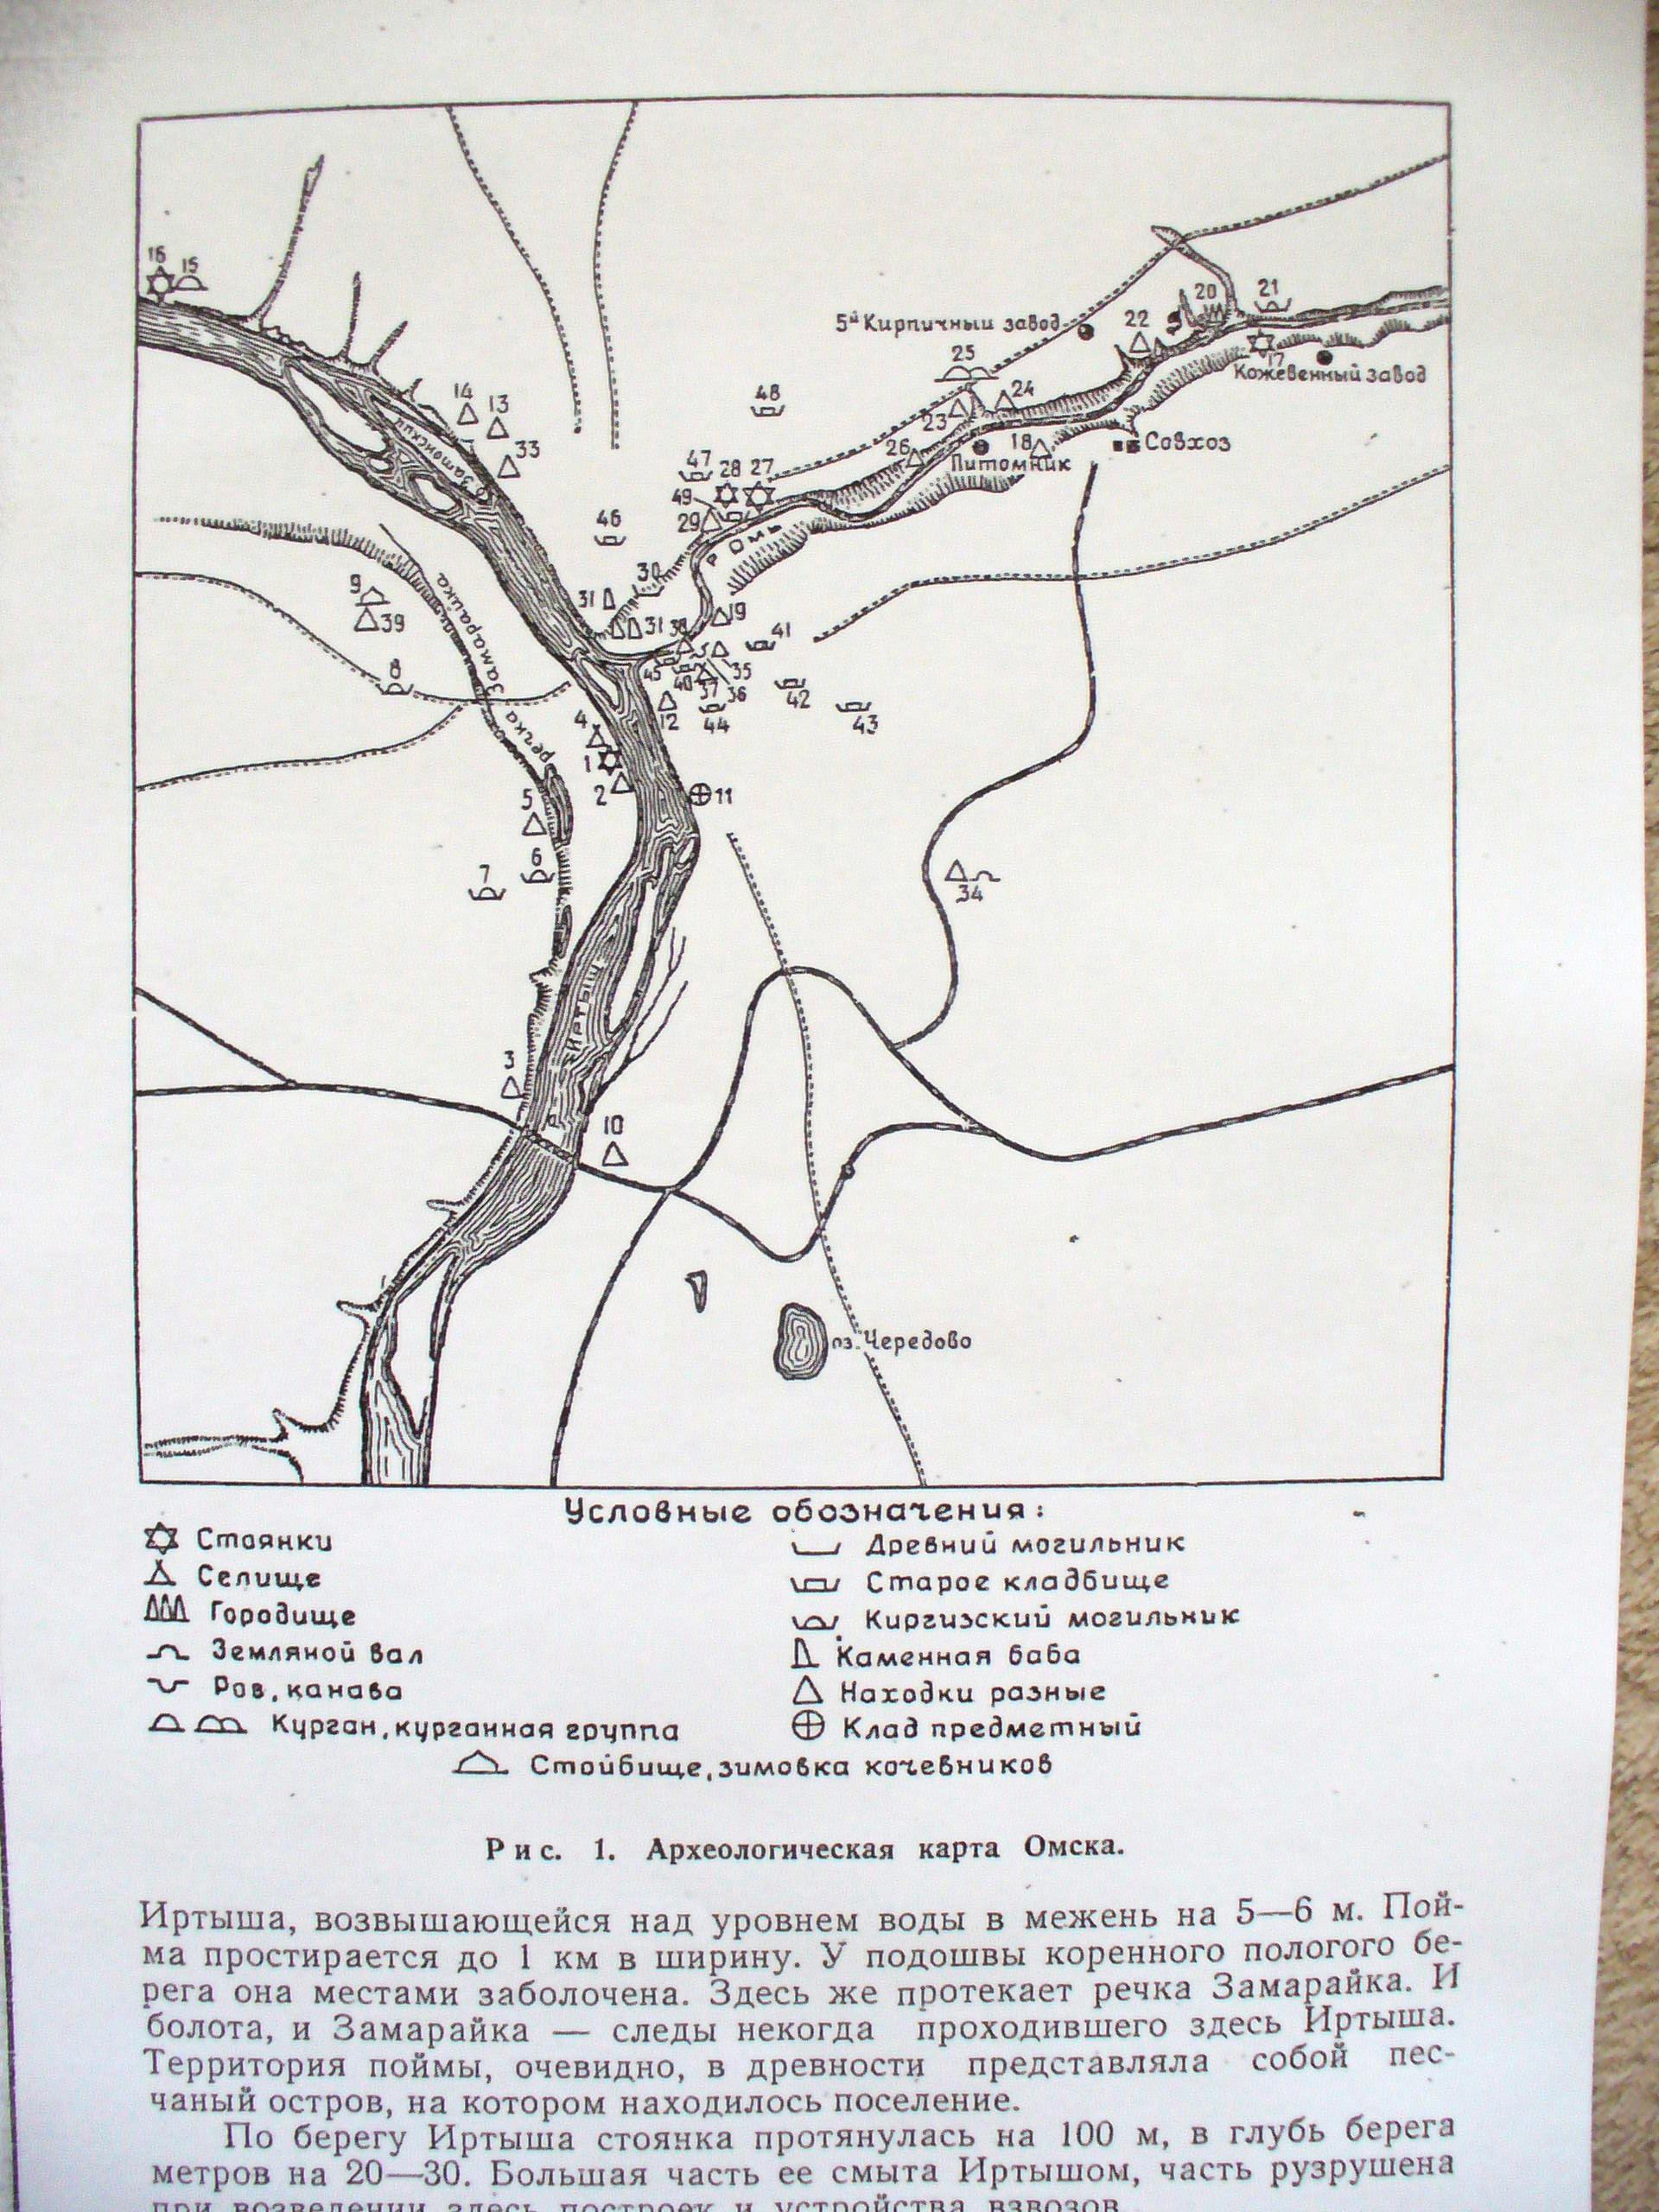 Археологическая карта Омска 1930 года скачать: http://www.etomesto.ru/karta1985/